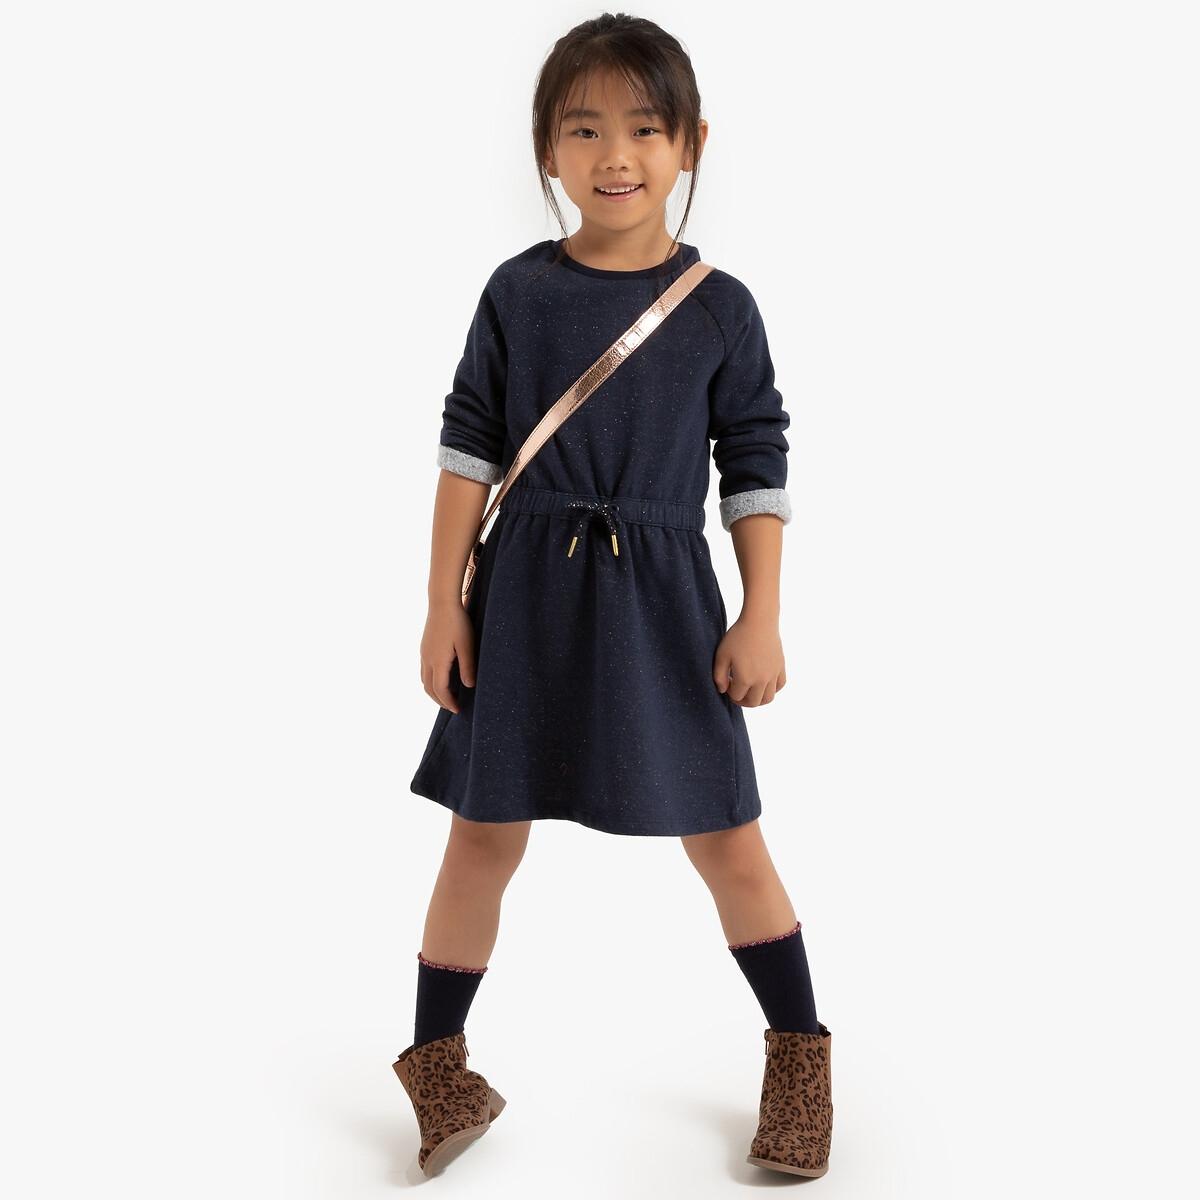 Платье LaRedoute С длинными рукавами из мольтона 3-12 лет 3 года - 94 см синий блузка laredoute с длинными рукавами и отделкой макраме 3 12 лет 4 года 102 см бежевый